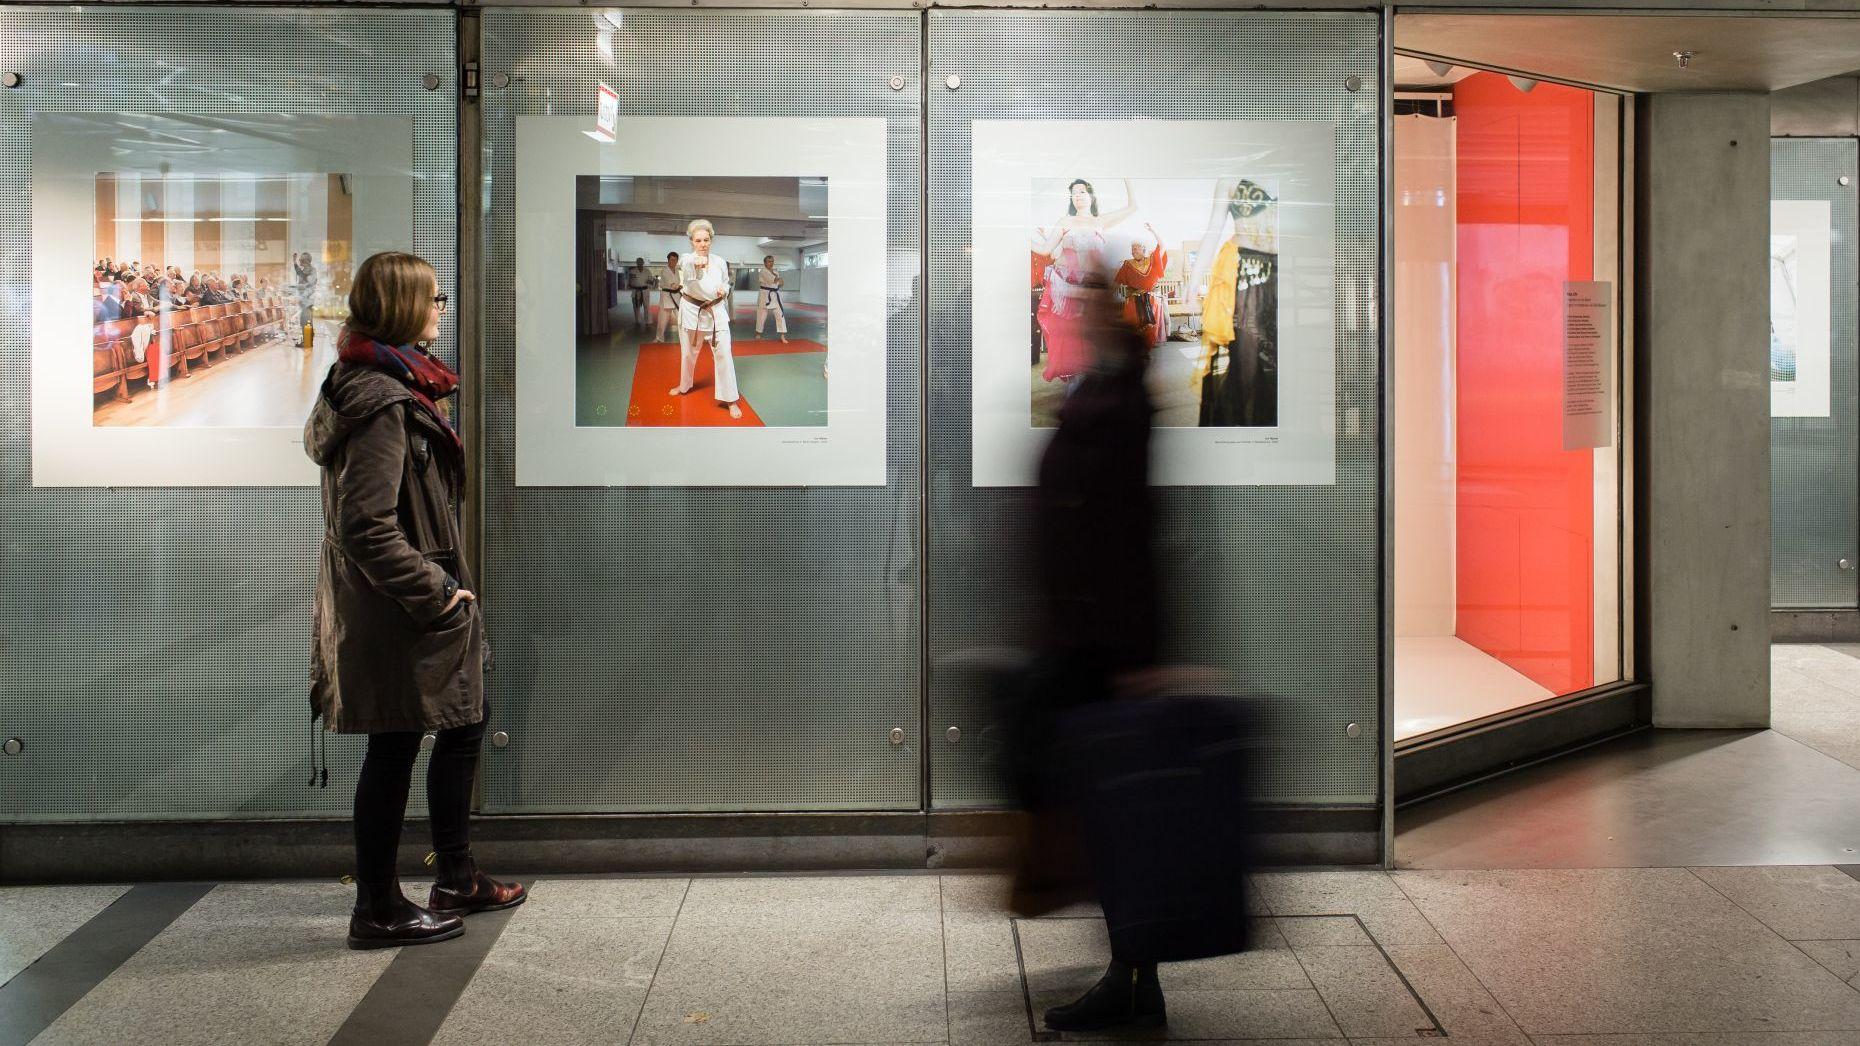 In einer U-Bahn-Station steht eine junge Frau vor einer Wand mit drei großformatigen Fotos und betrachtet sie, eine weitere Frau läuft mit einem Koffer durch das Bild